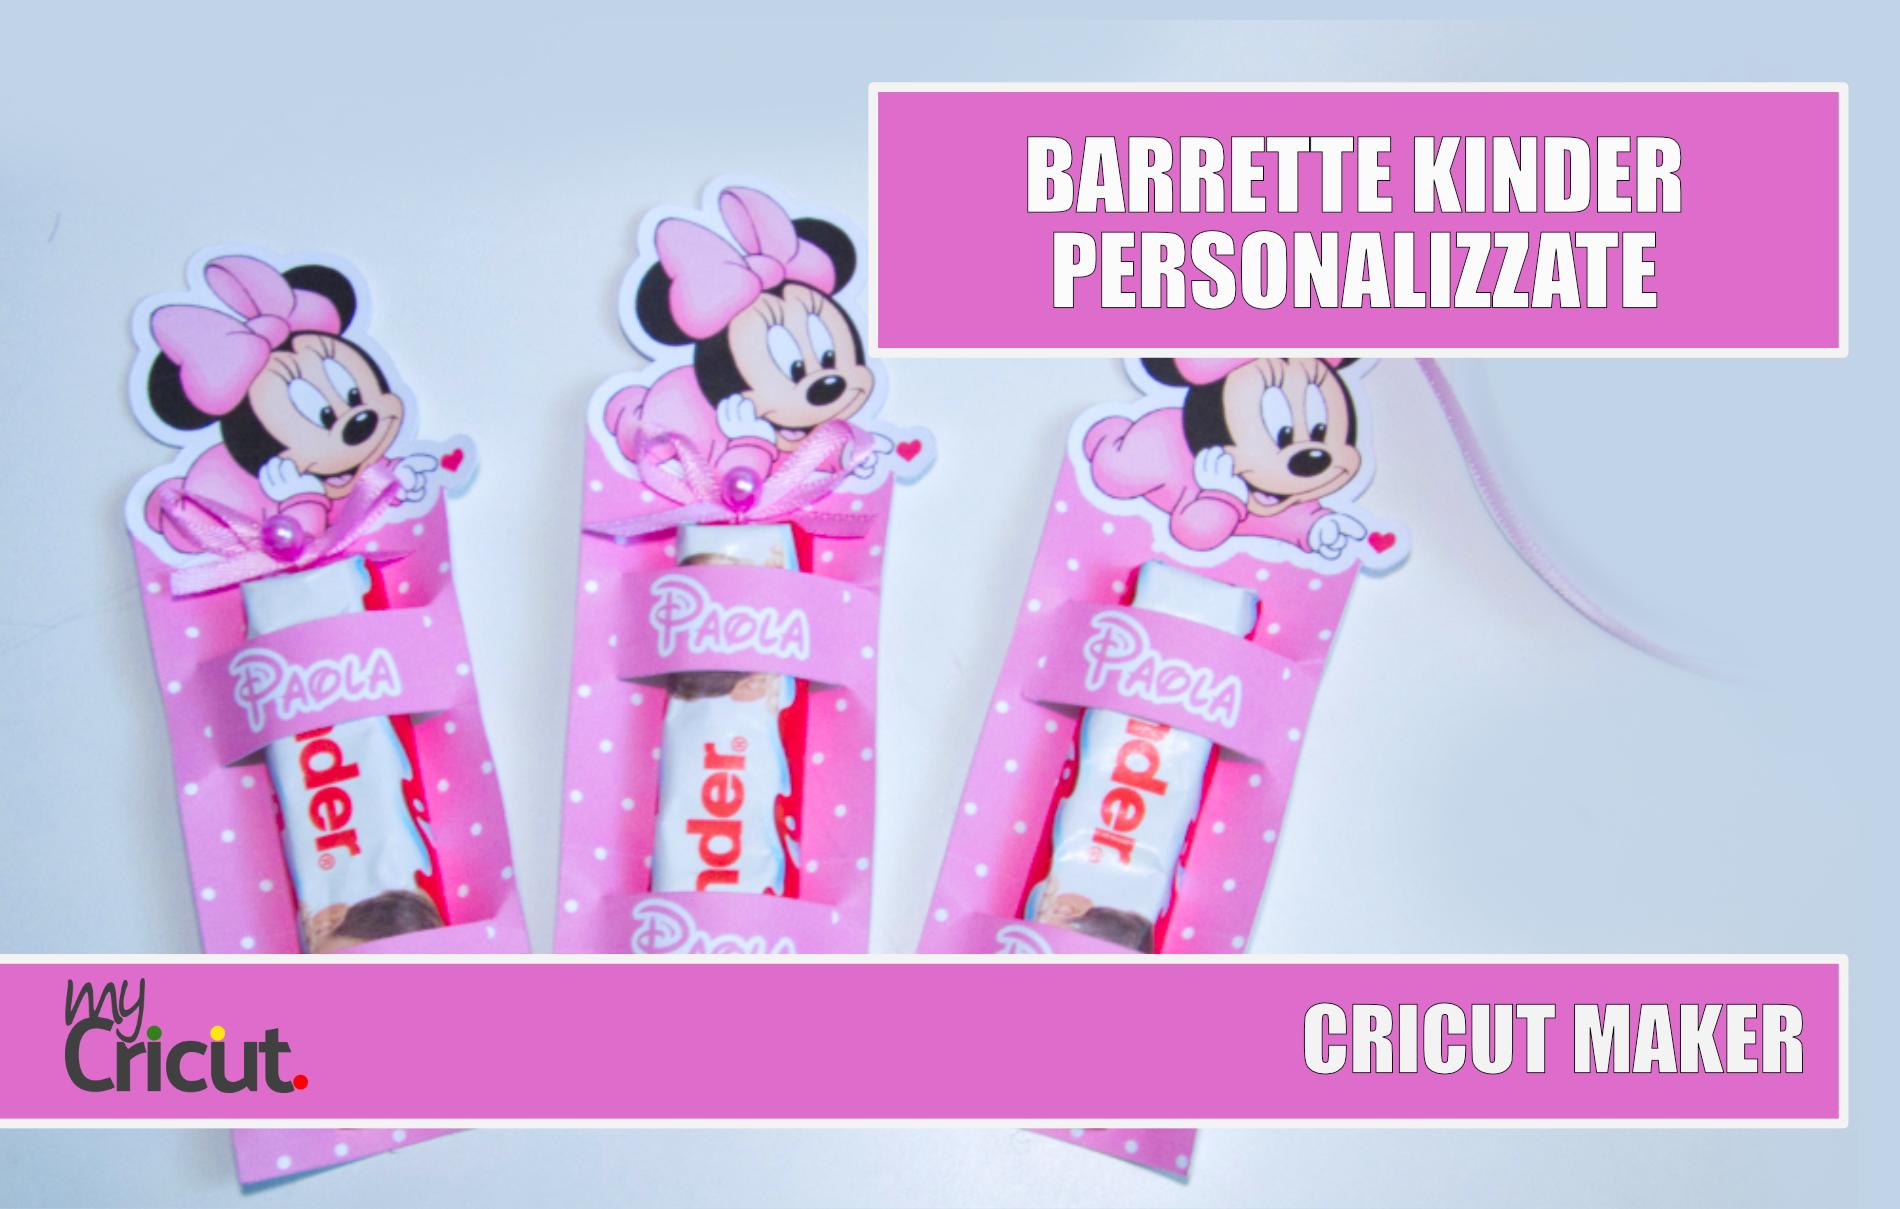 barrette kinder personalizzate cricut